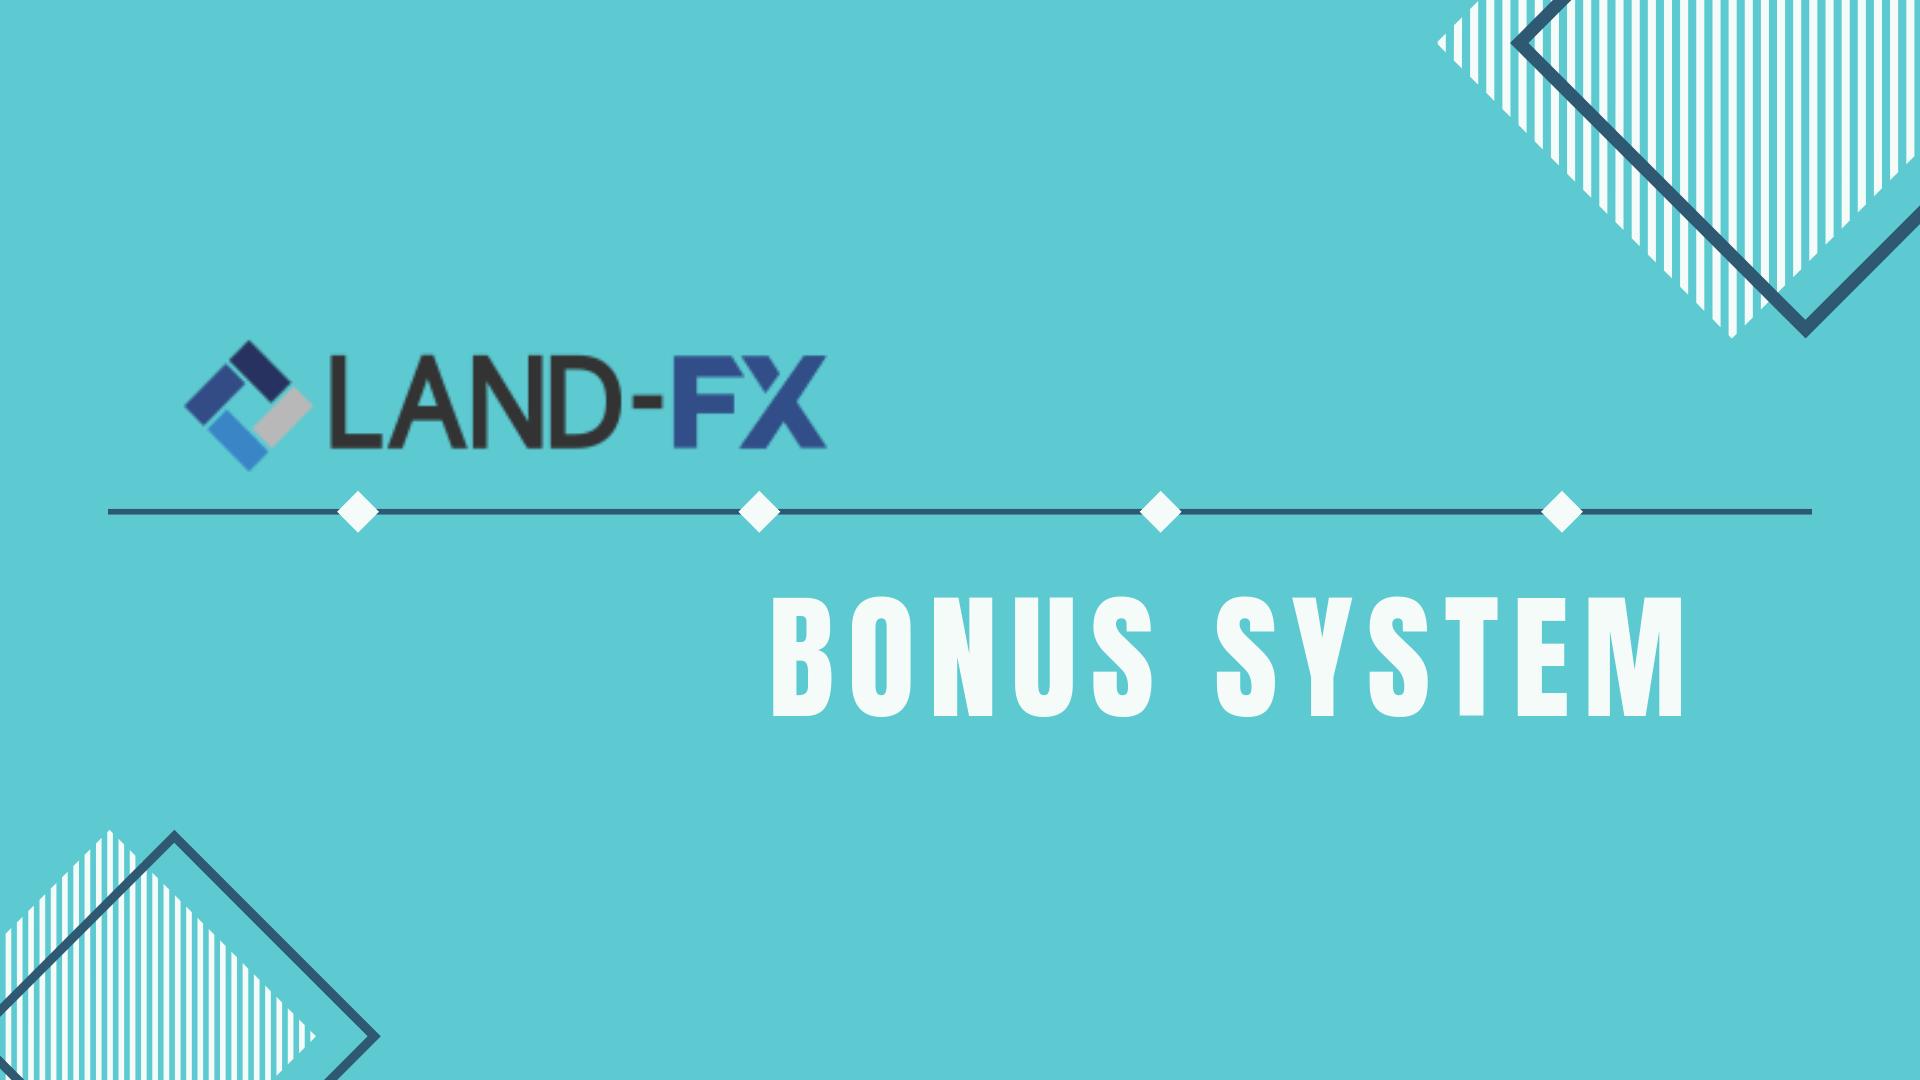 LANDFX(ランドFX)ボーナス全制度を『FXトレーダー』がまとめました